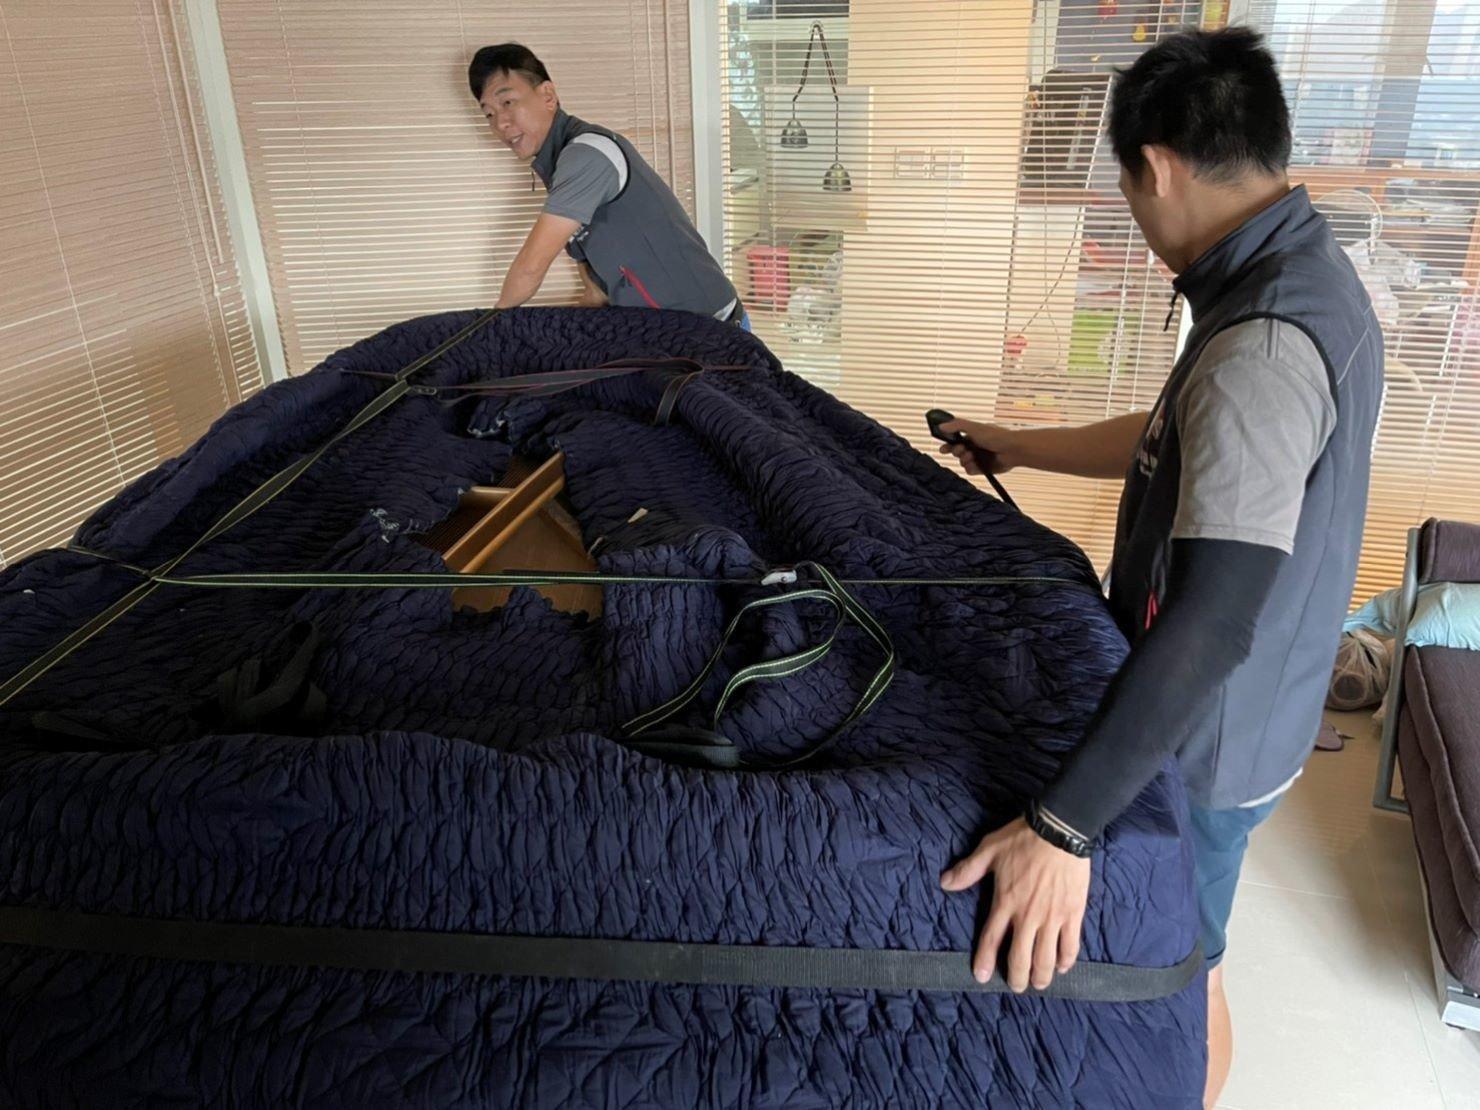 搬家推薦【榮福搬家】搬家口碑第一、台北搬家、新北搬家:【鋼琴搬運】榮福搬家鋼琴組師傅每位平均有8年的搬運經驗,對於各式各樣鋼琴的包裝及搬運的駕輕就熟,細膩且有效率的包裝都是專業訓練過的,給予顧客最優質且有保障的鋼琴搬運服務。